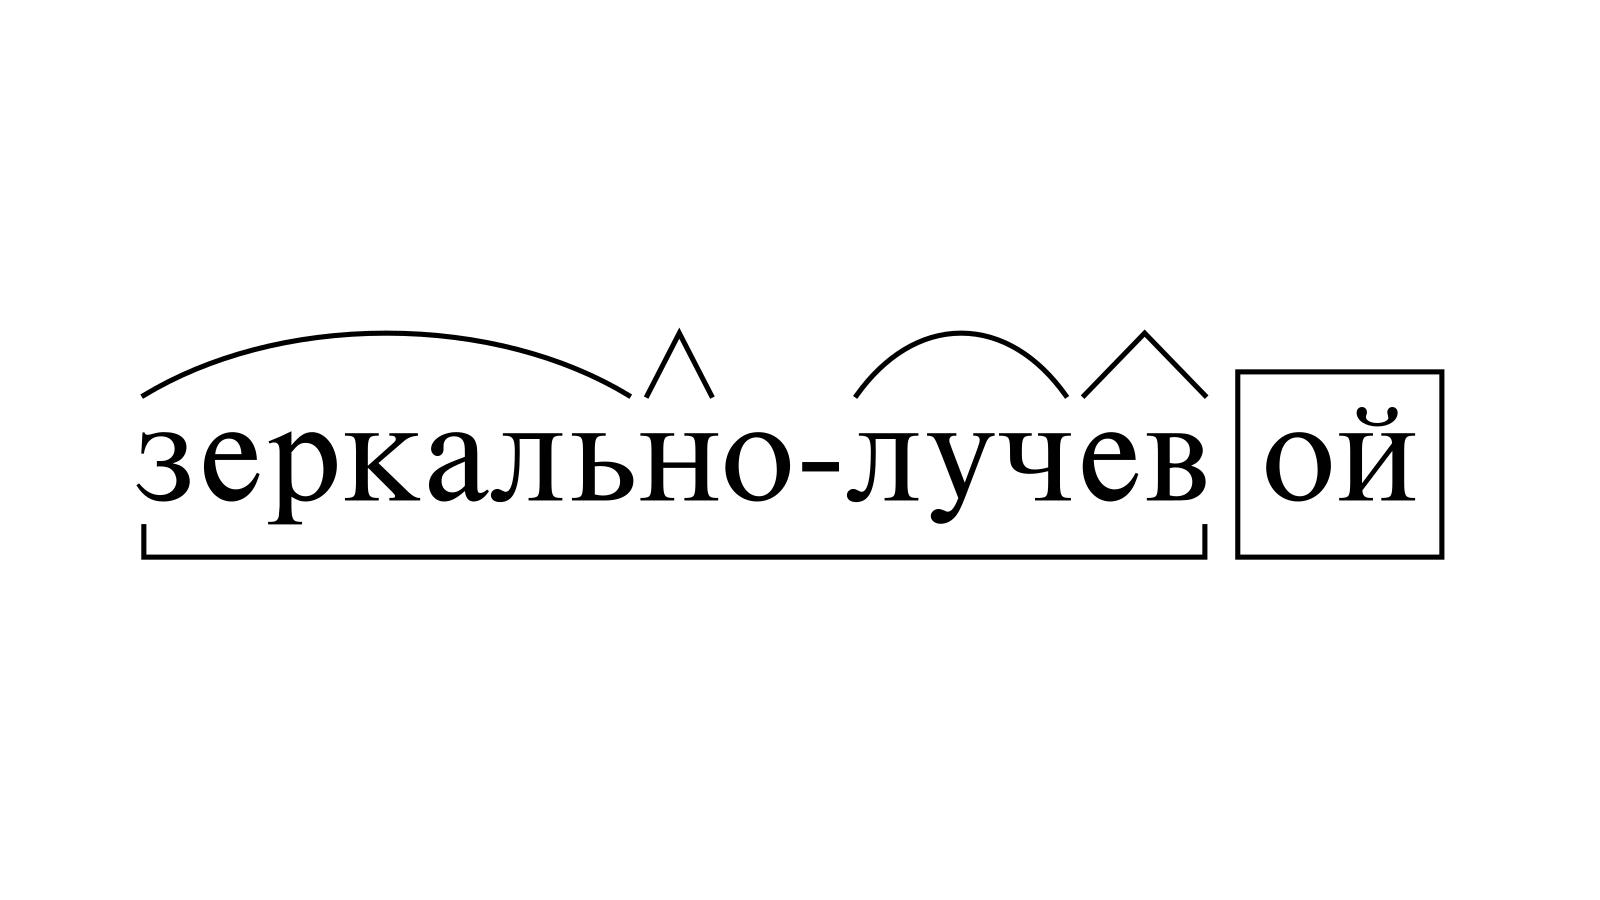 Разбор слова «зеркально-лучевой» по составу